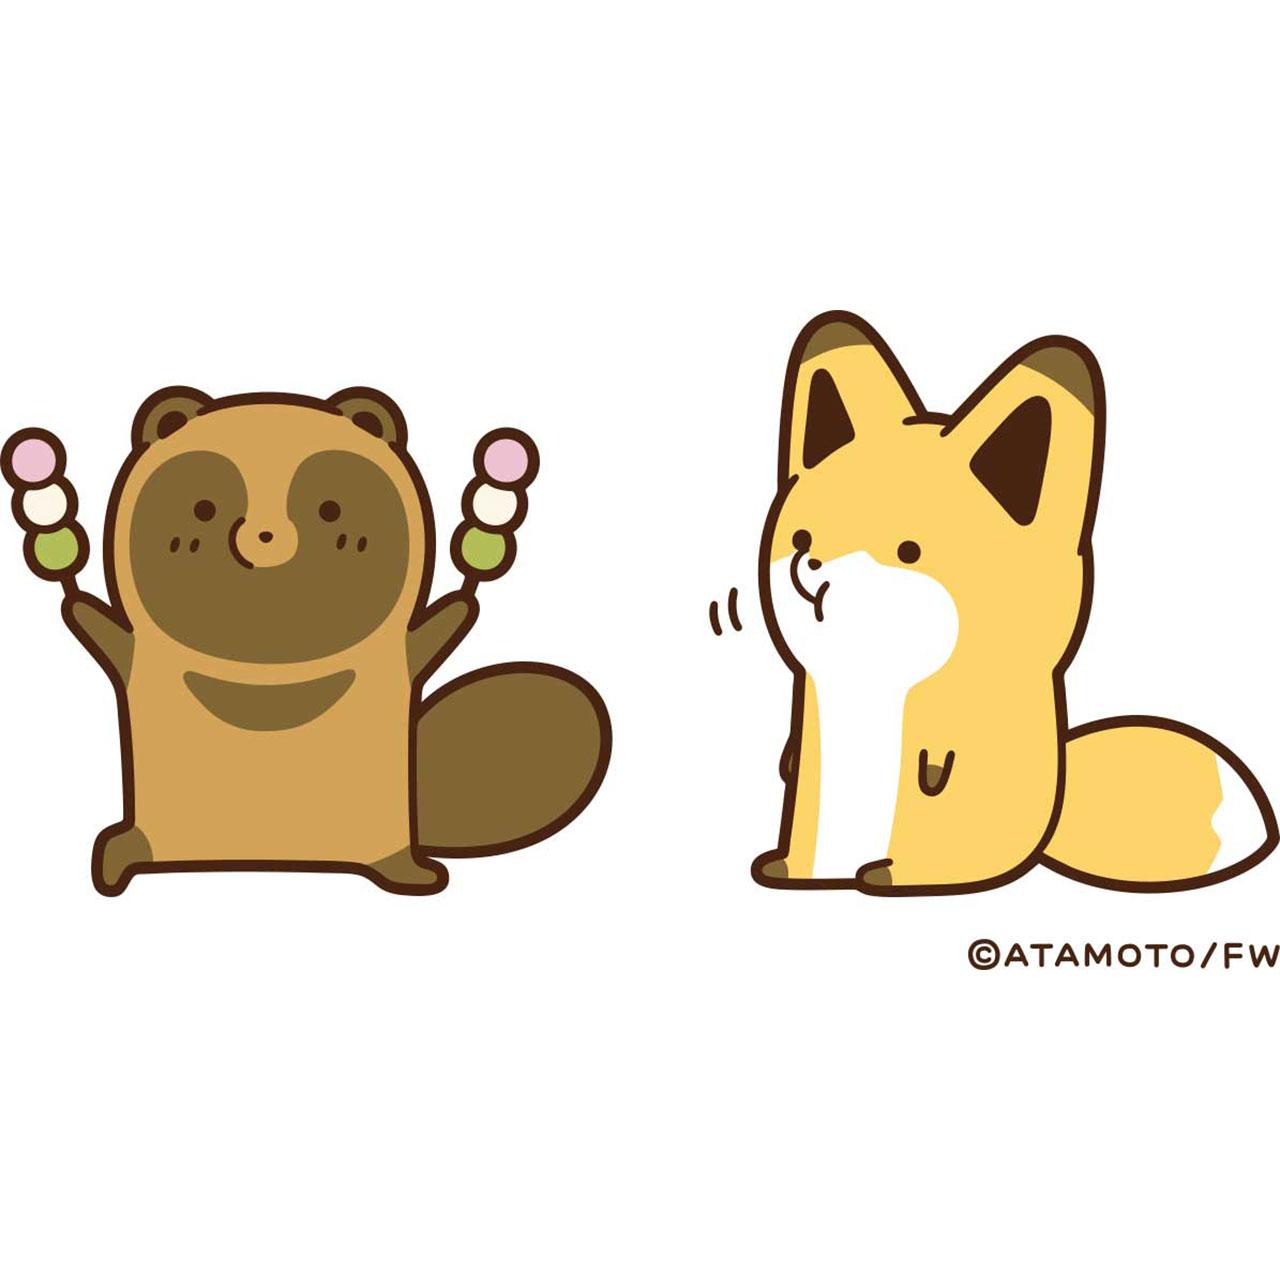 タヌキとキツネ ロンパース(ナチュラル) お団子